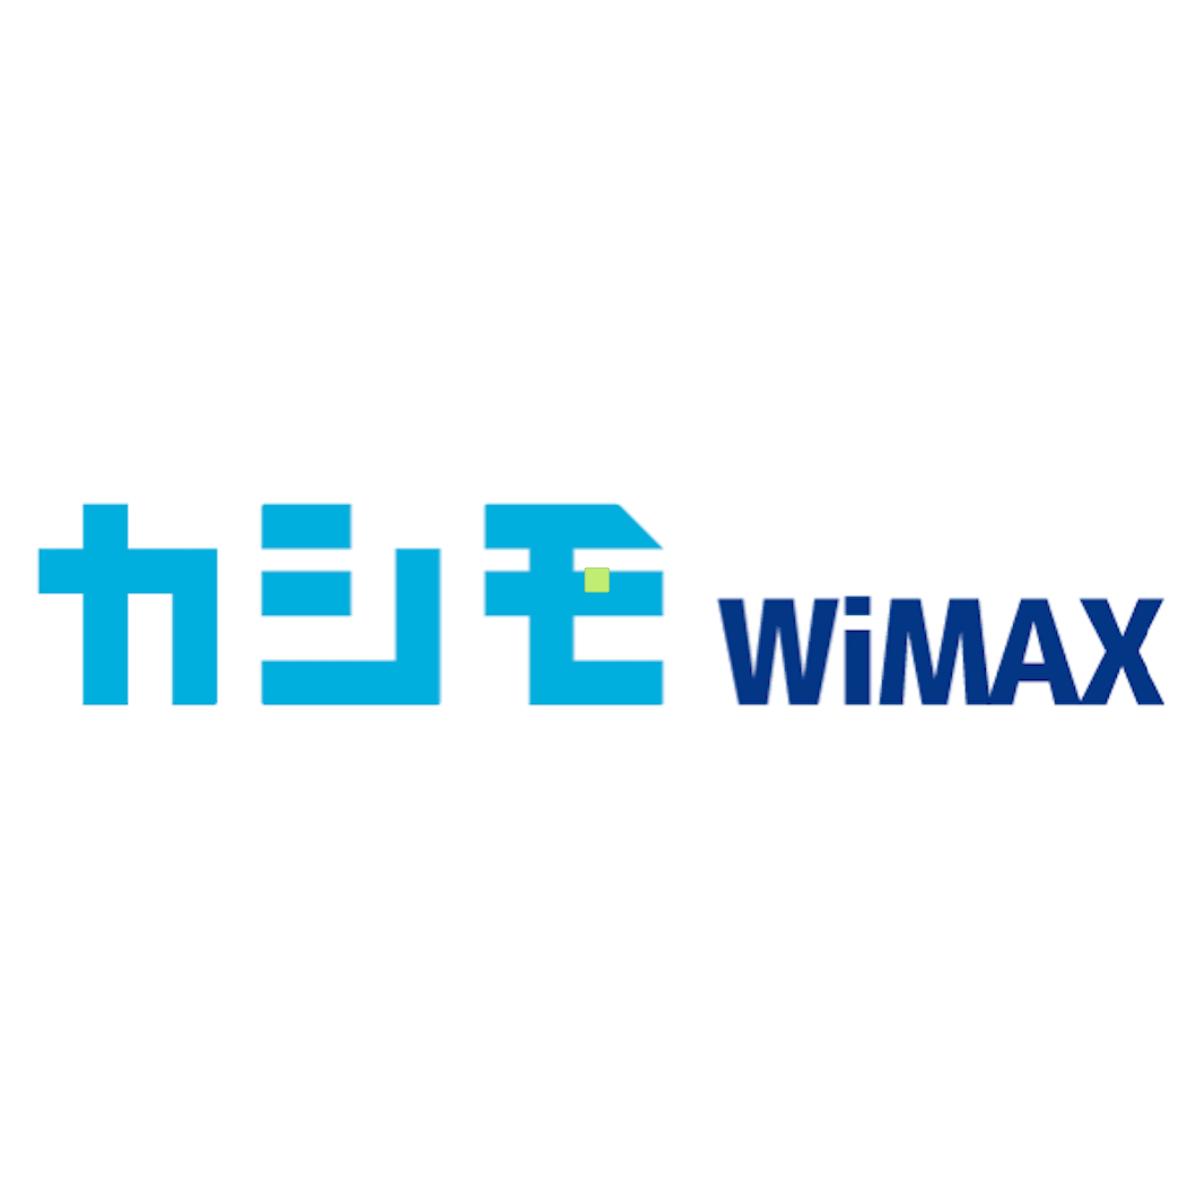 カシモWiMAXロゴ